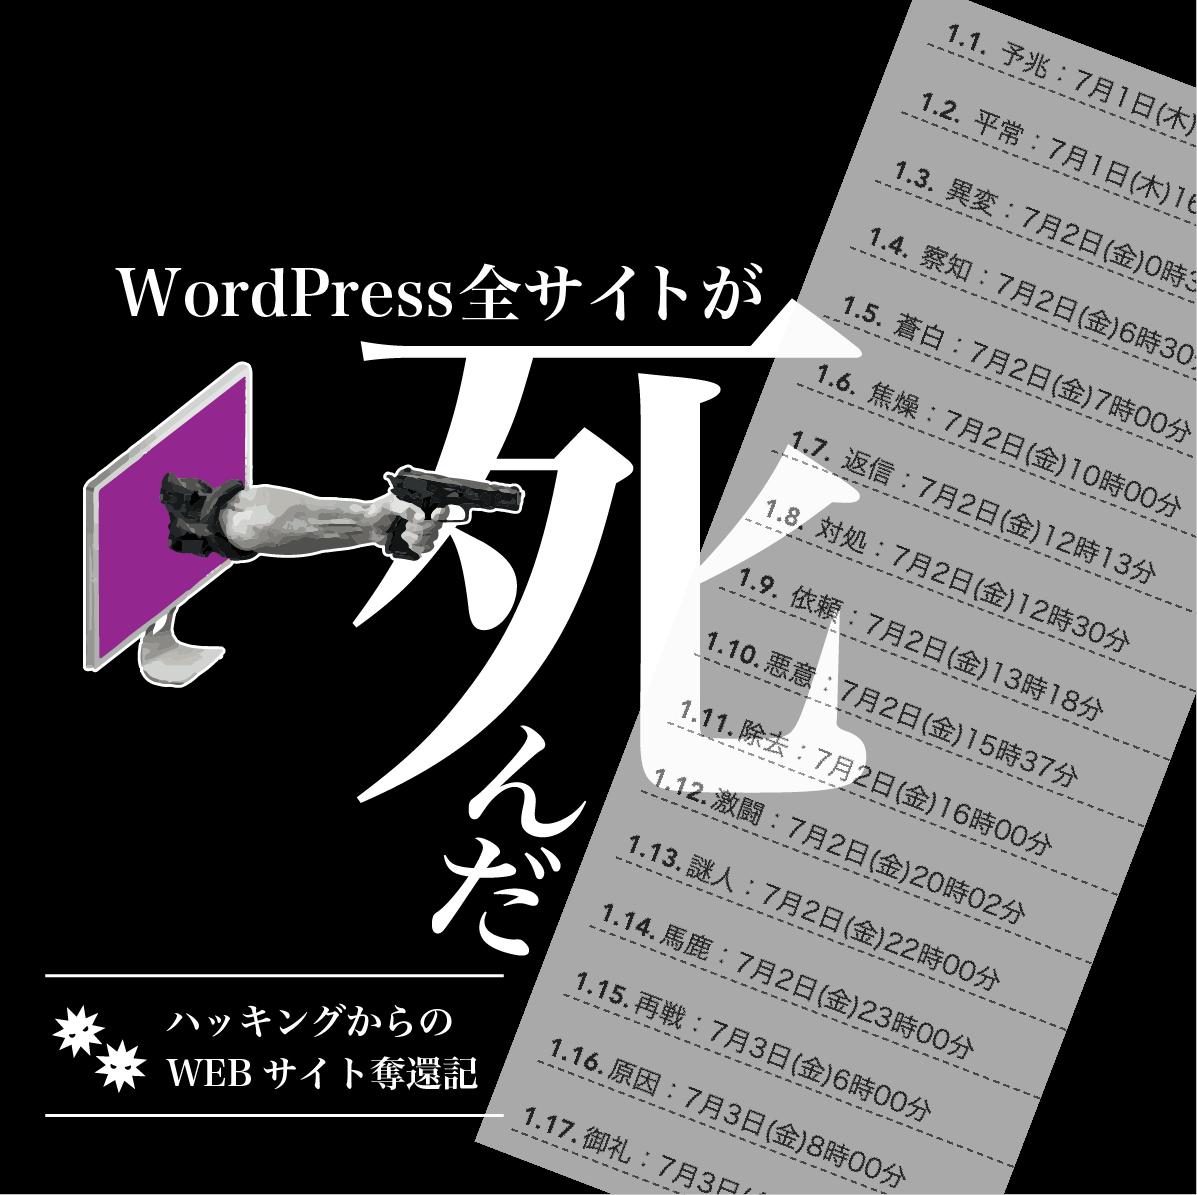 【実録】WordPress7サイトがハッキングされた【復旧への死闘40時間】